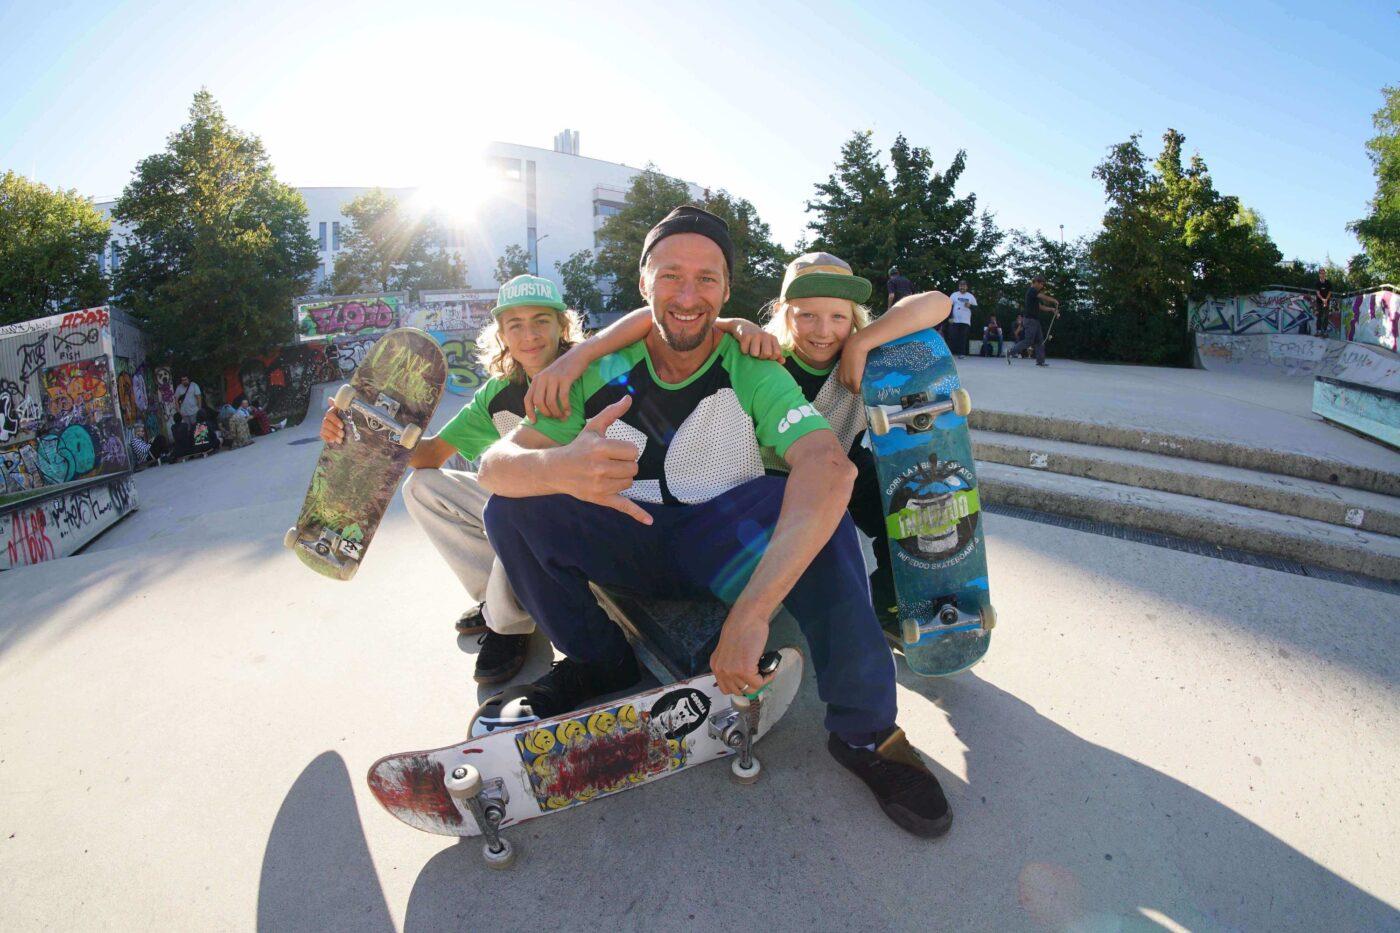 GORILLA Botschafter Tobias Kupfer und seine 2 Söhne die GORILLA Rookies lachen in einem Skatepark.